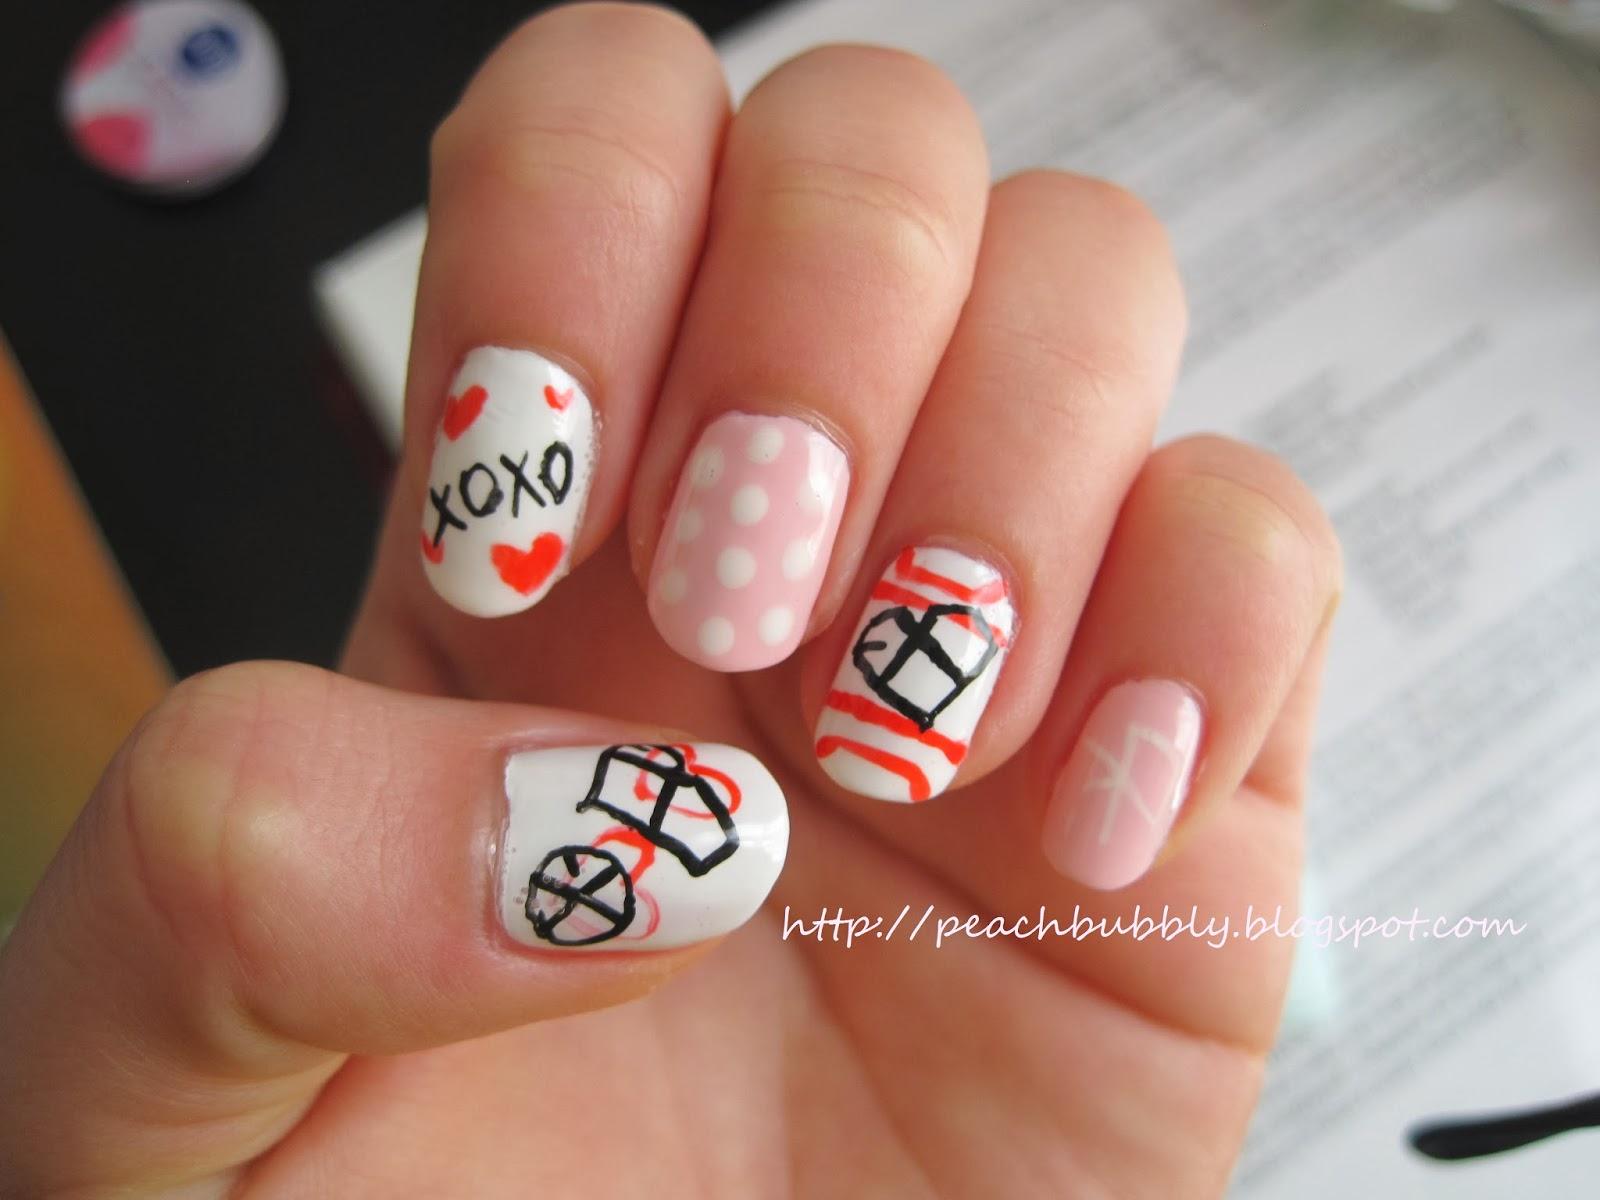 Peachbubbly Kpop Nails Exo Inspired Valentines Day Nail Art